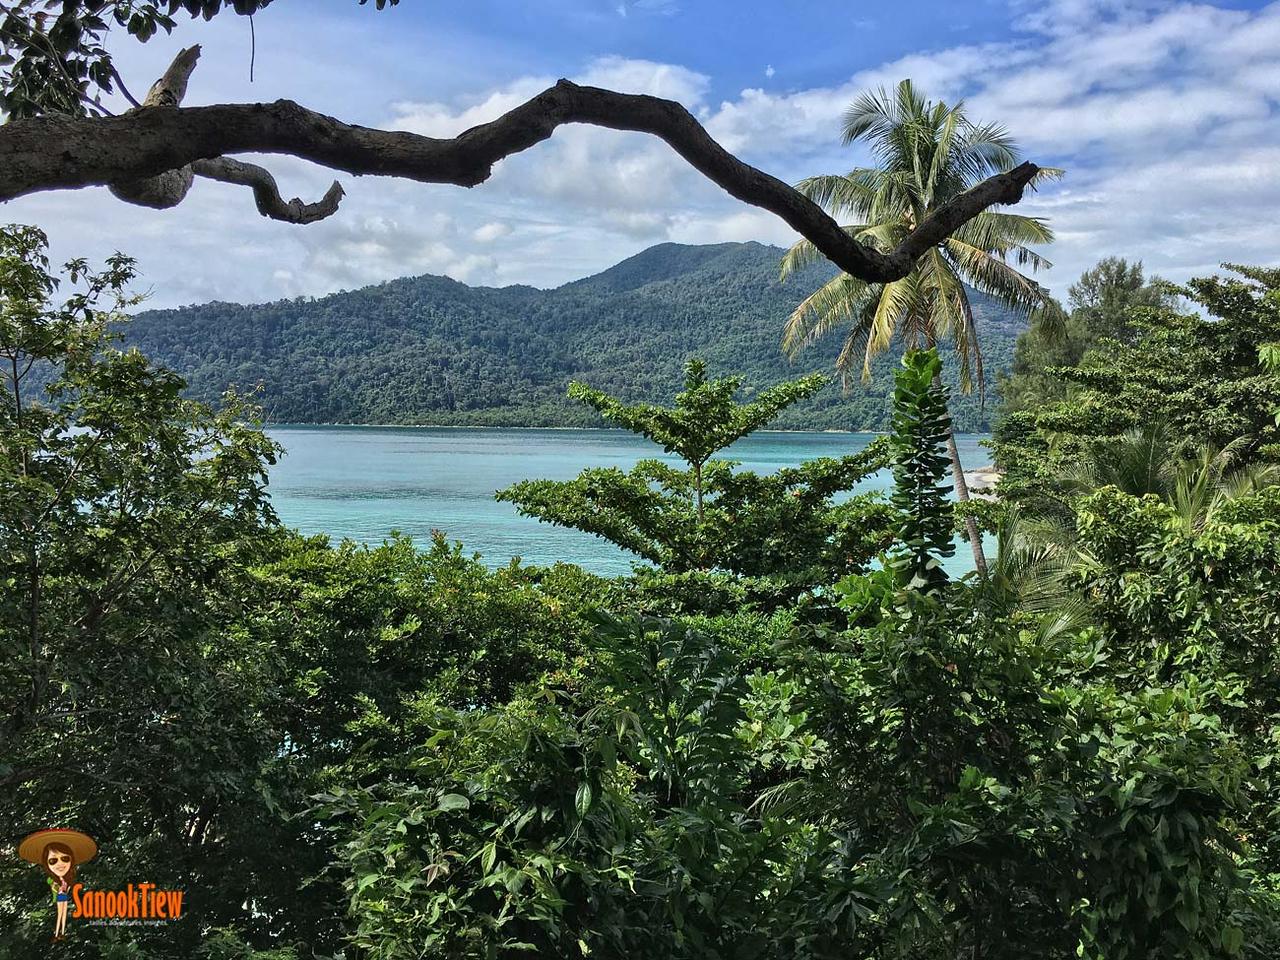 เกาะหลีเป๊ะ พักไหนดี พักหาดไหนดี ลองดูวิวจากที่พักที่หาดซันเซ็ท เป็นตัวเลือกนะคะ